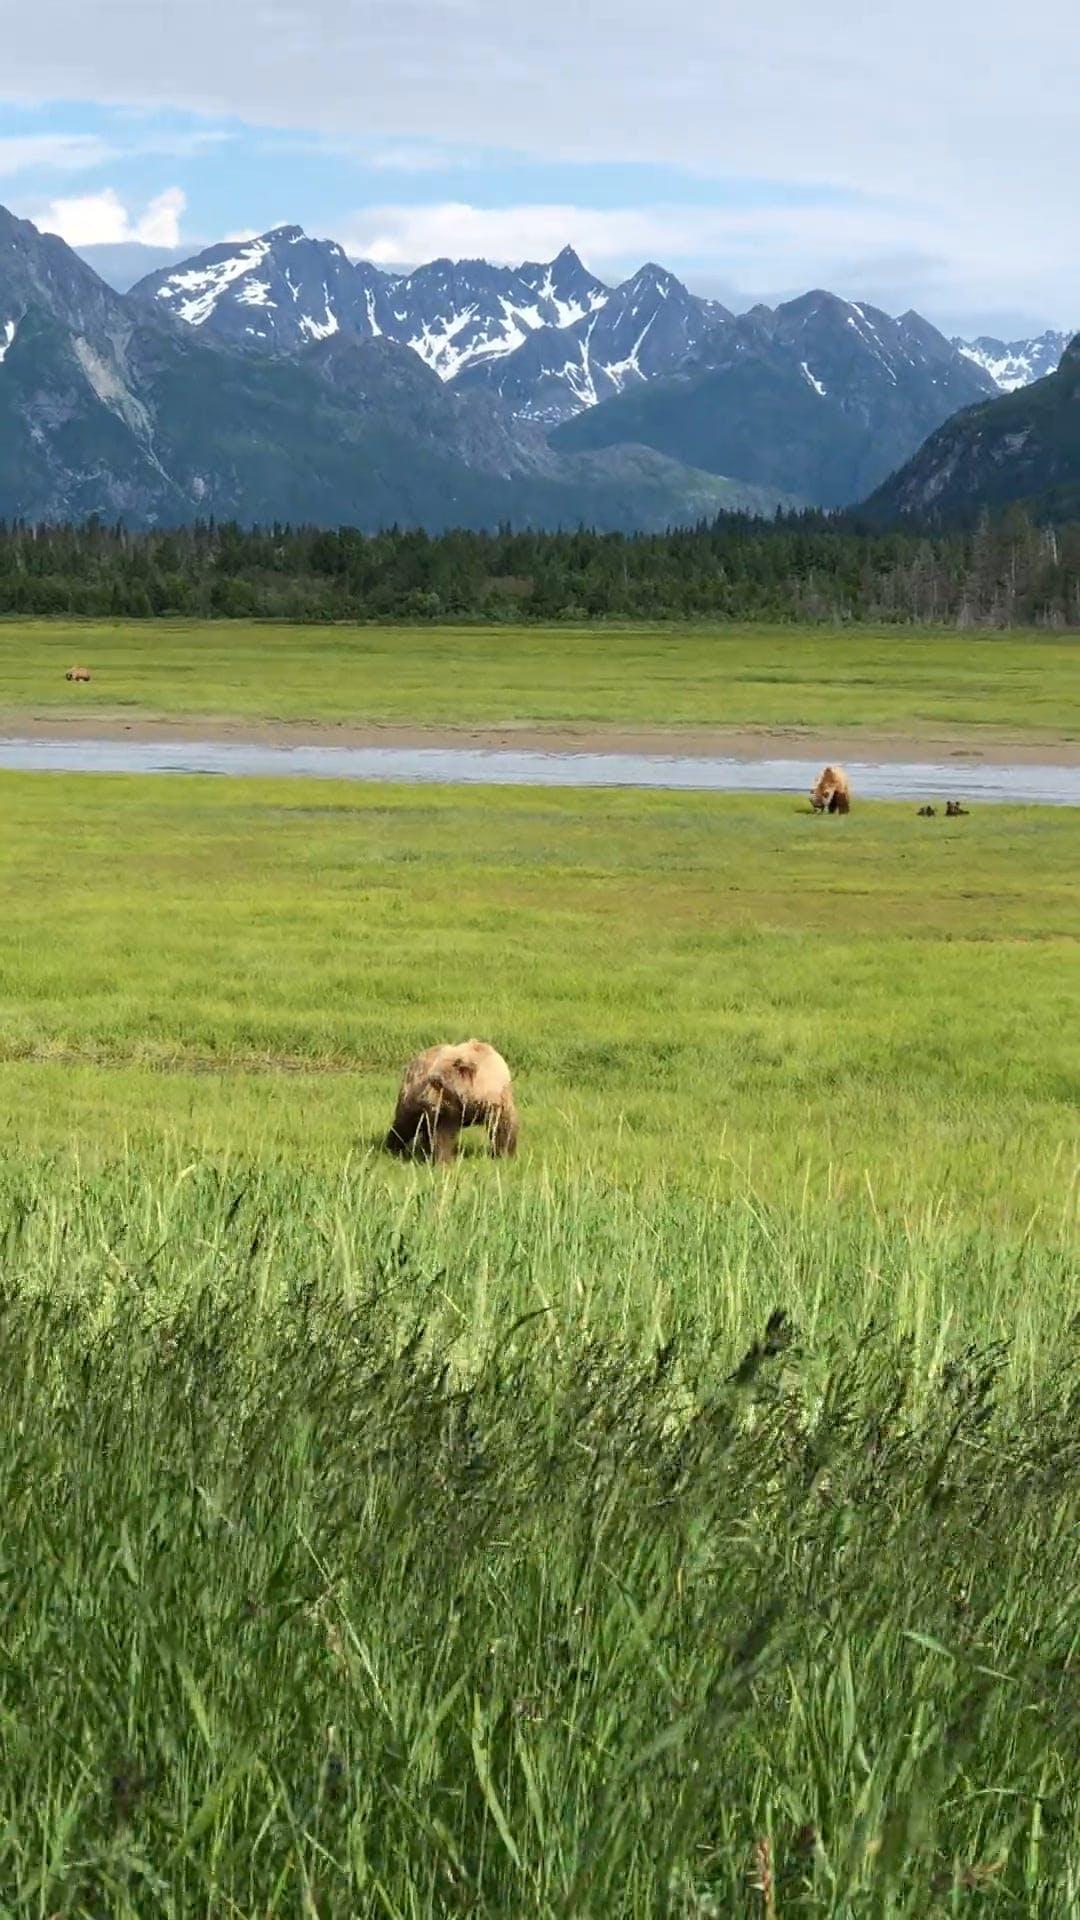 Brown Bear On A Grassland